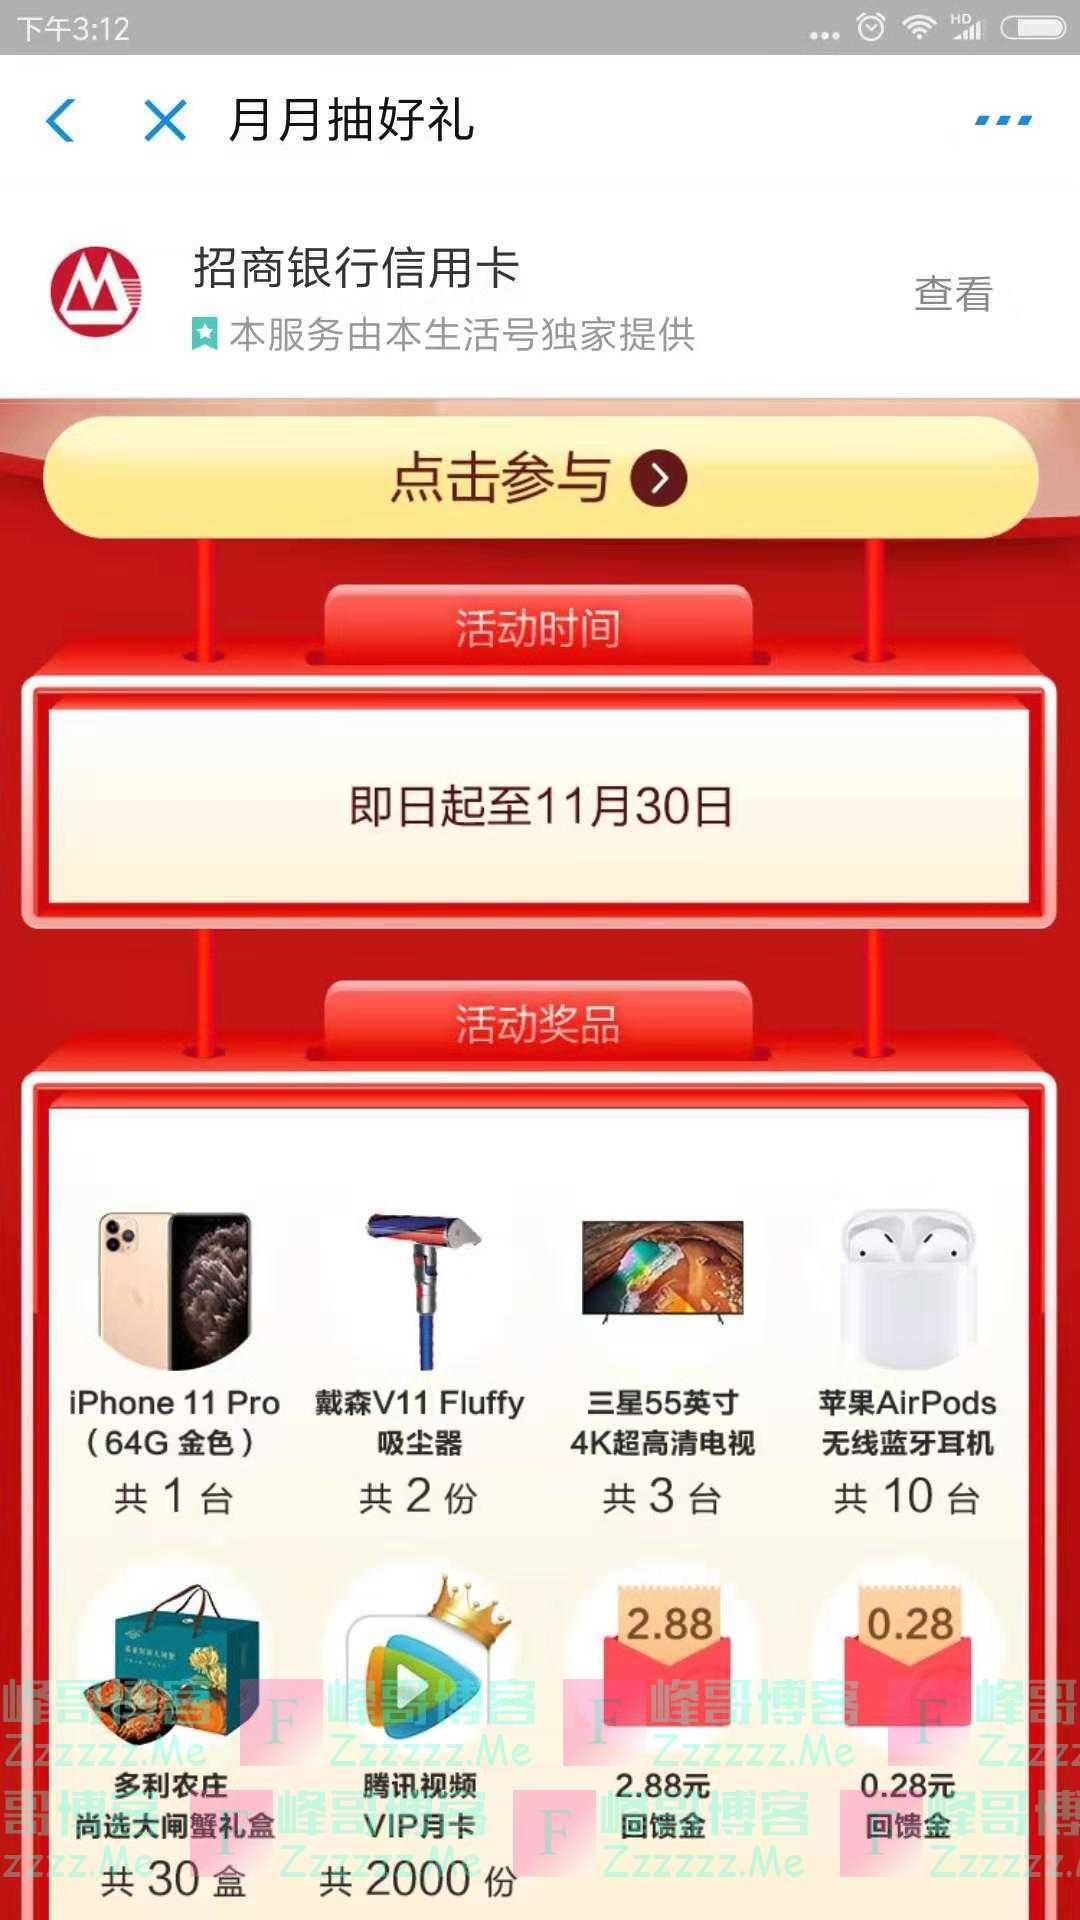 招行xing/用卡11月礼 月月抽好礼(截止11月30日)